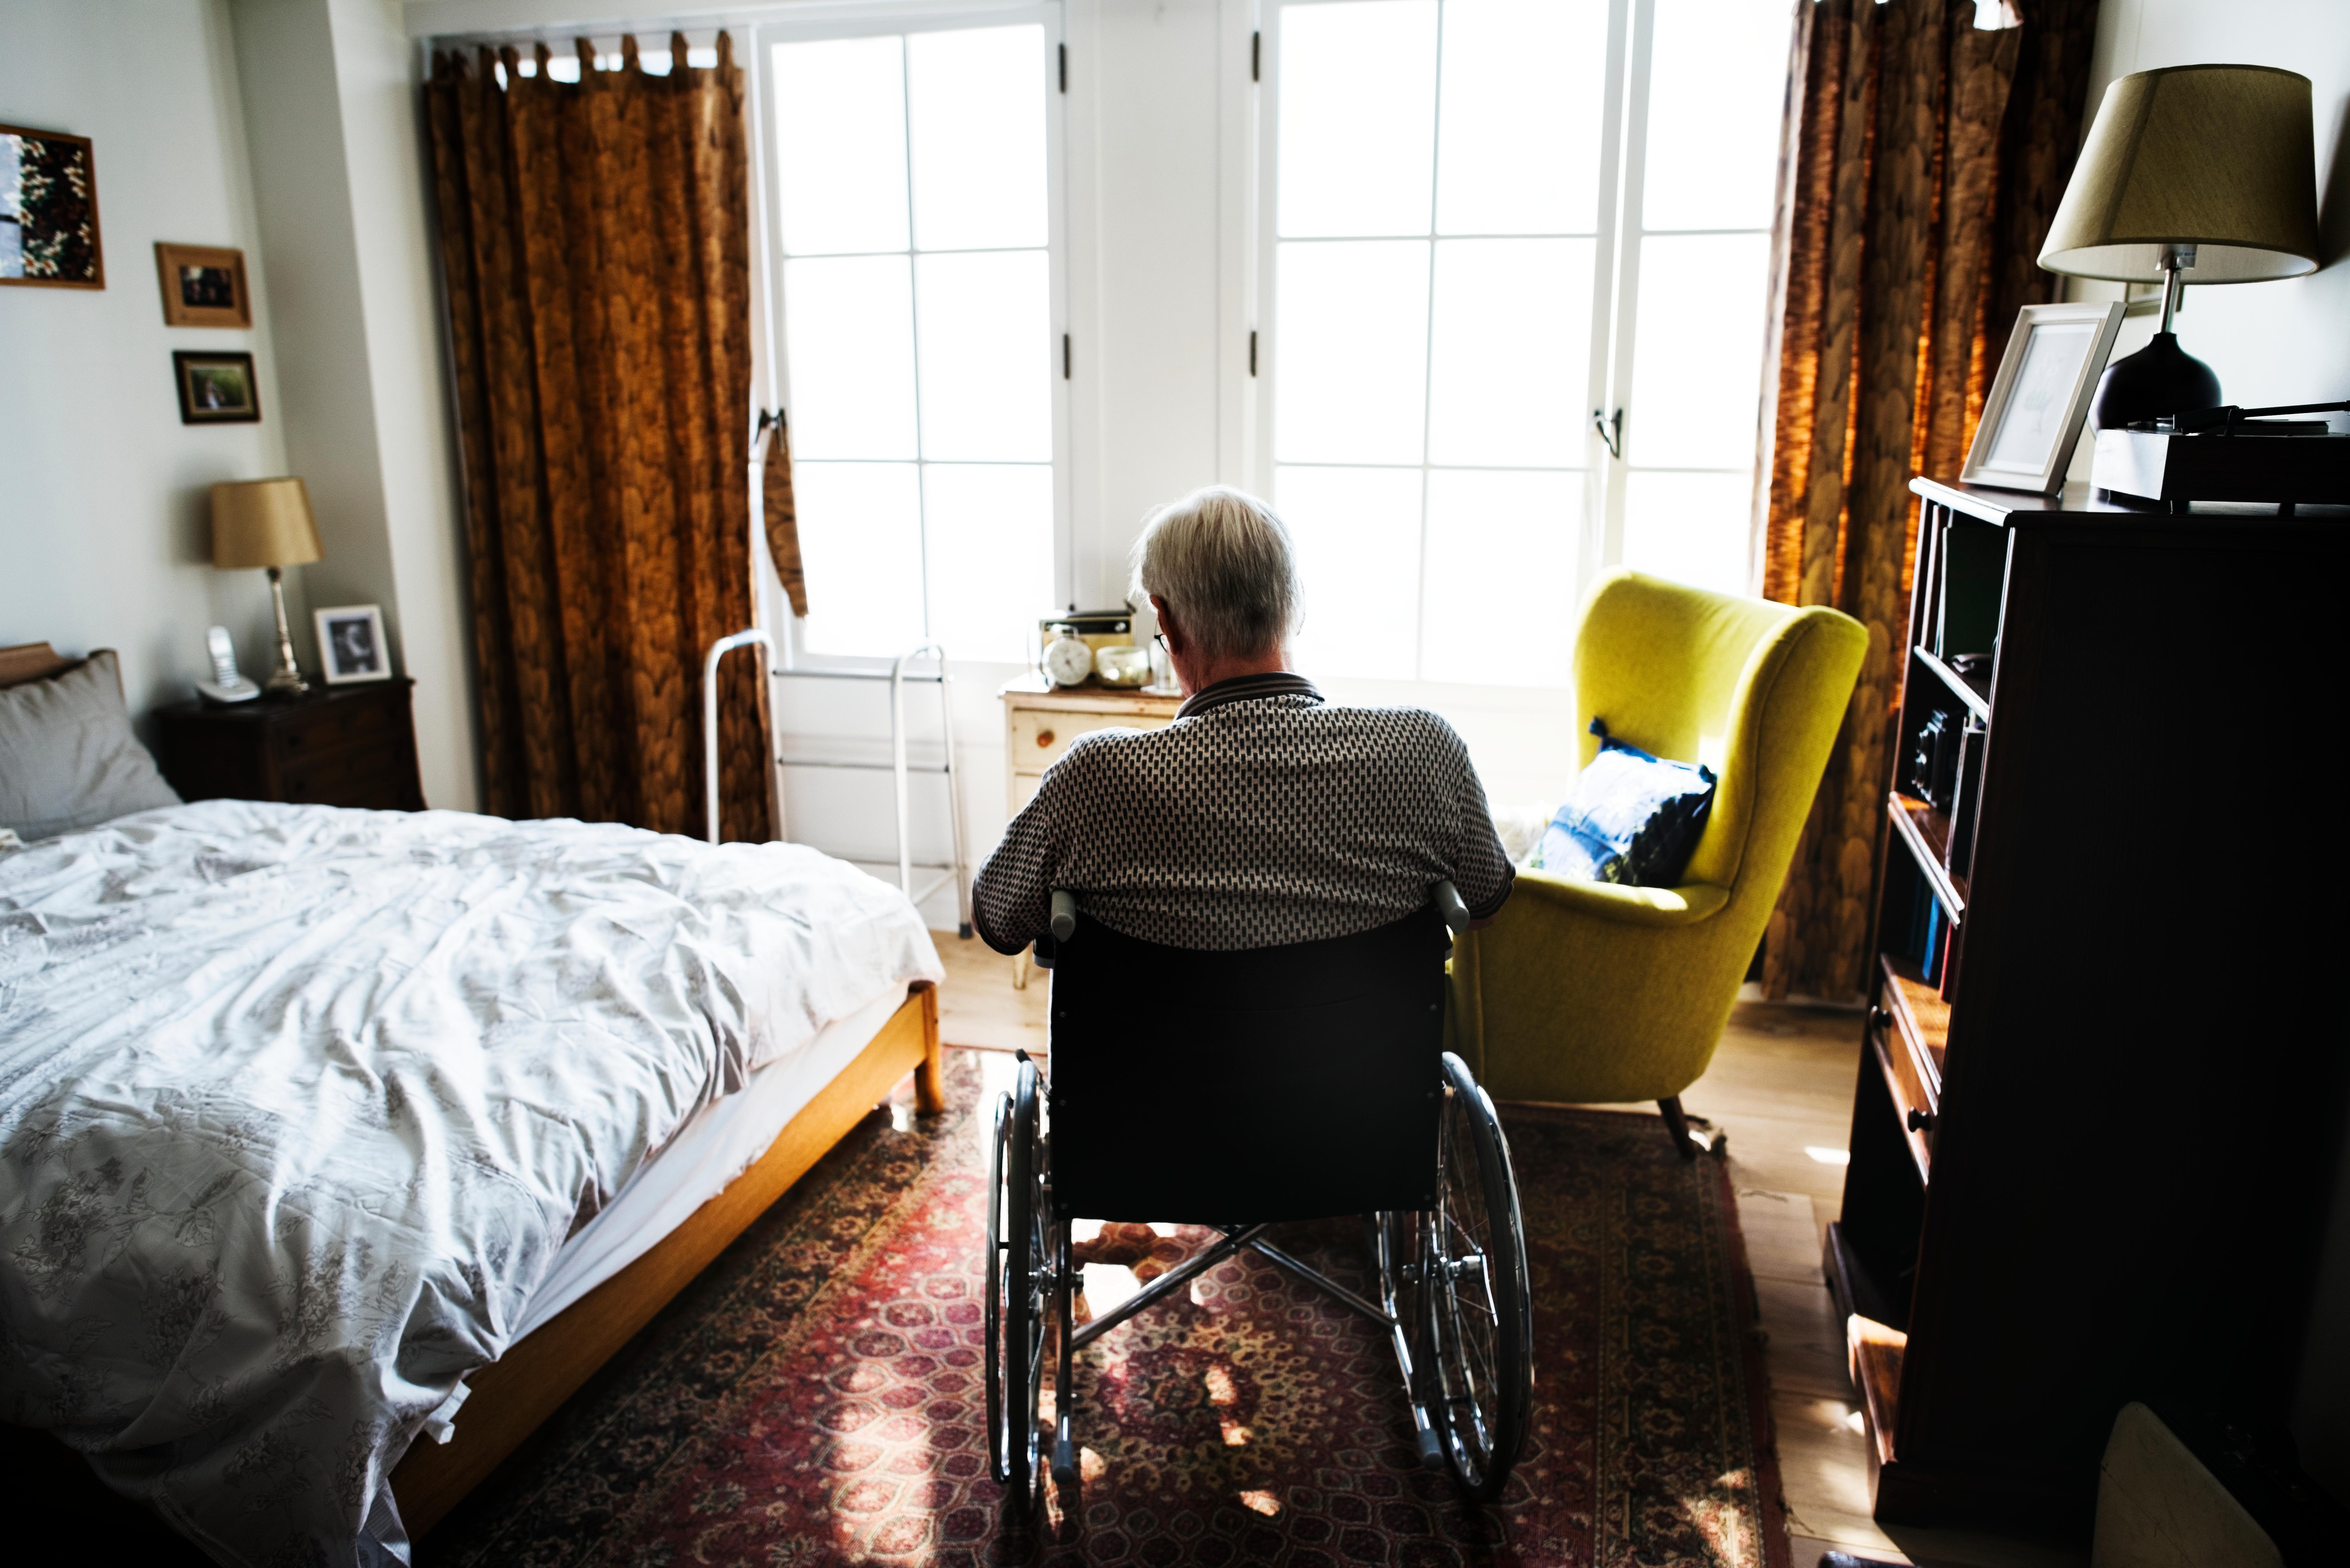 Bland män över 84 år är självmordsantalet dubbelt så högt som bland män i övriga befolkningen